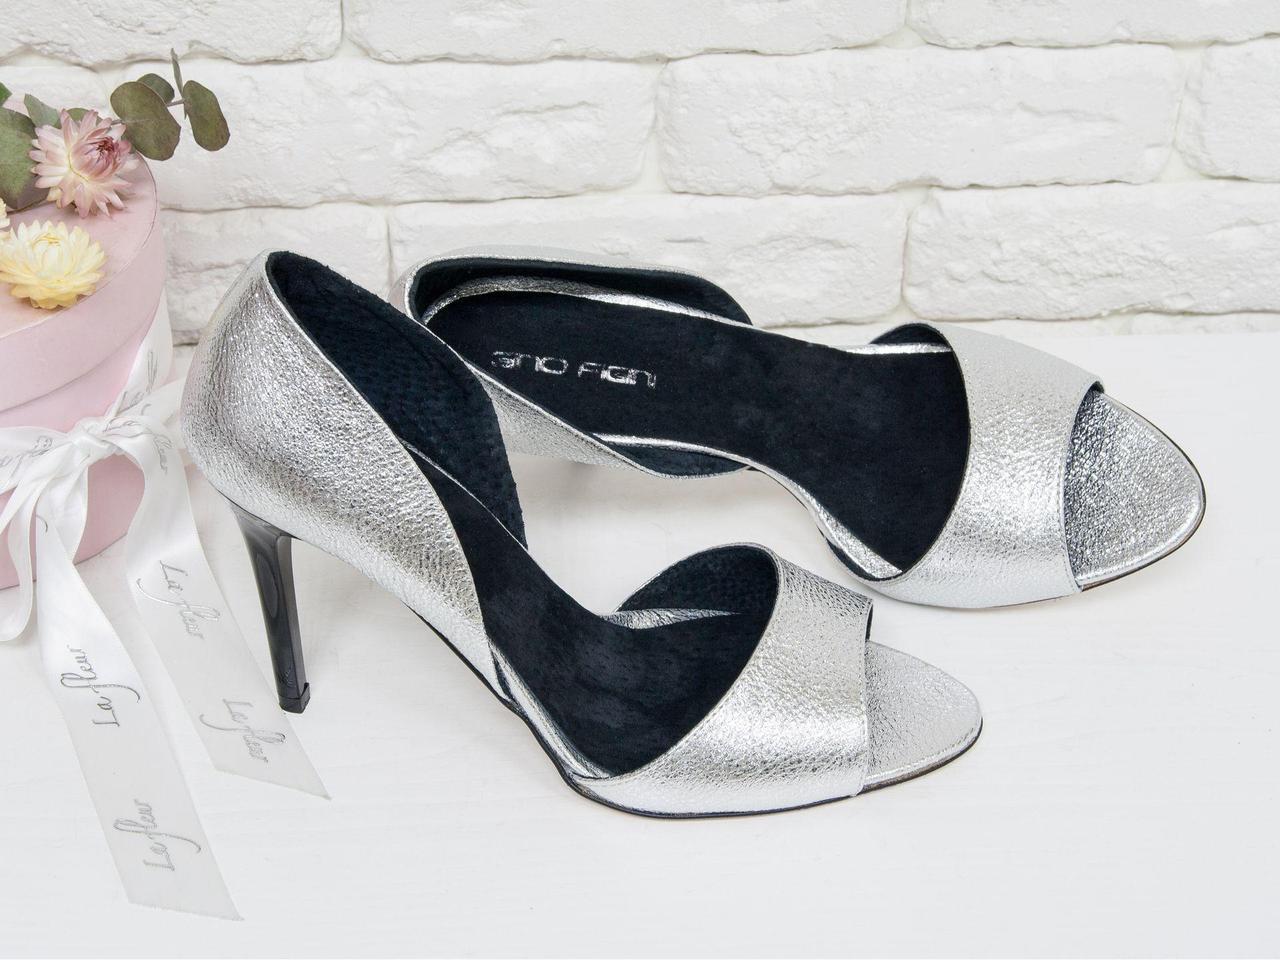 Туфли с открытым носиком из натуральной кожи серебряного цвета на каблуке-шпилька, С-704